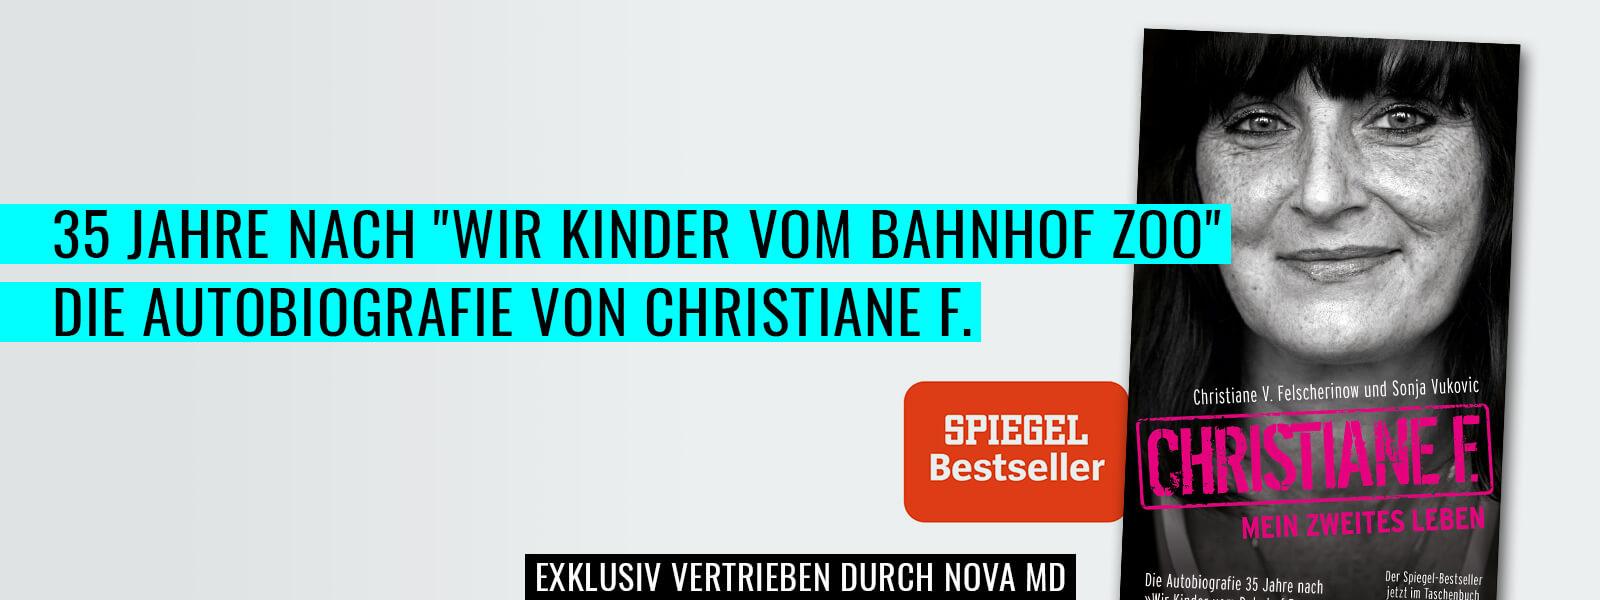 Autobiografie von Christiane F - mein zweites Leben